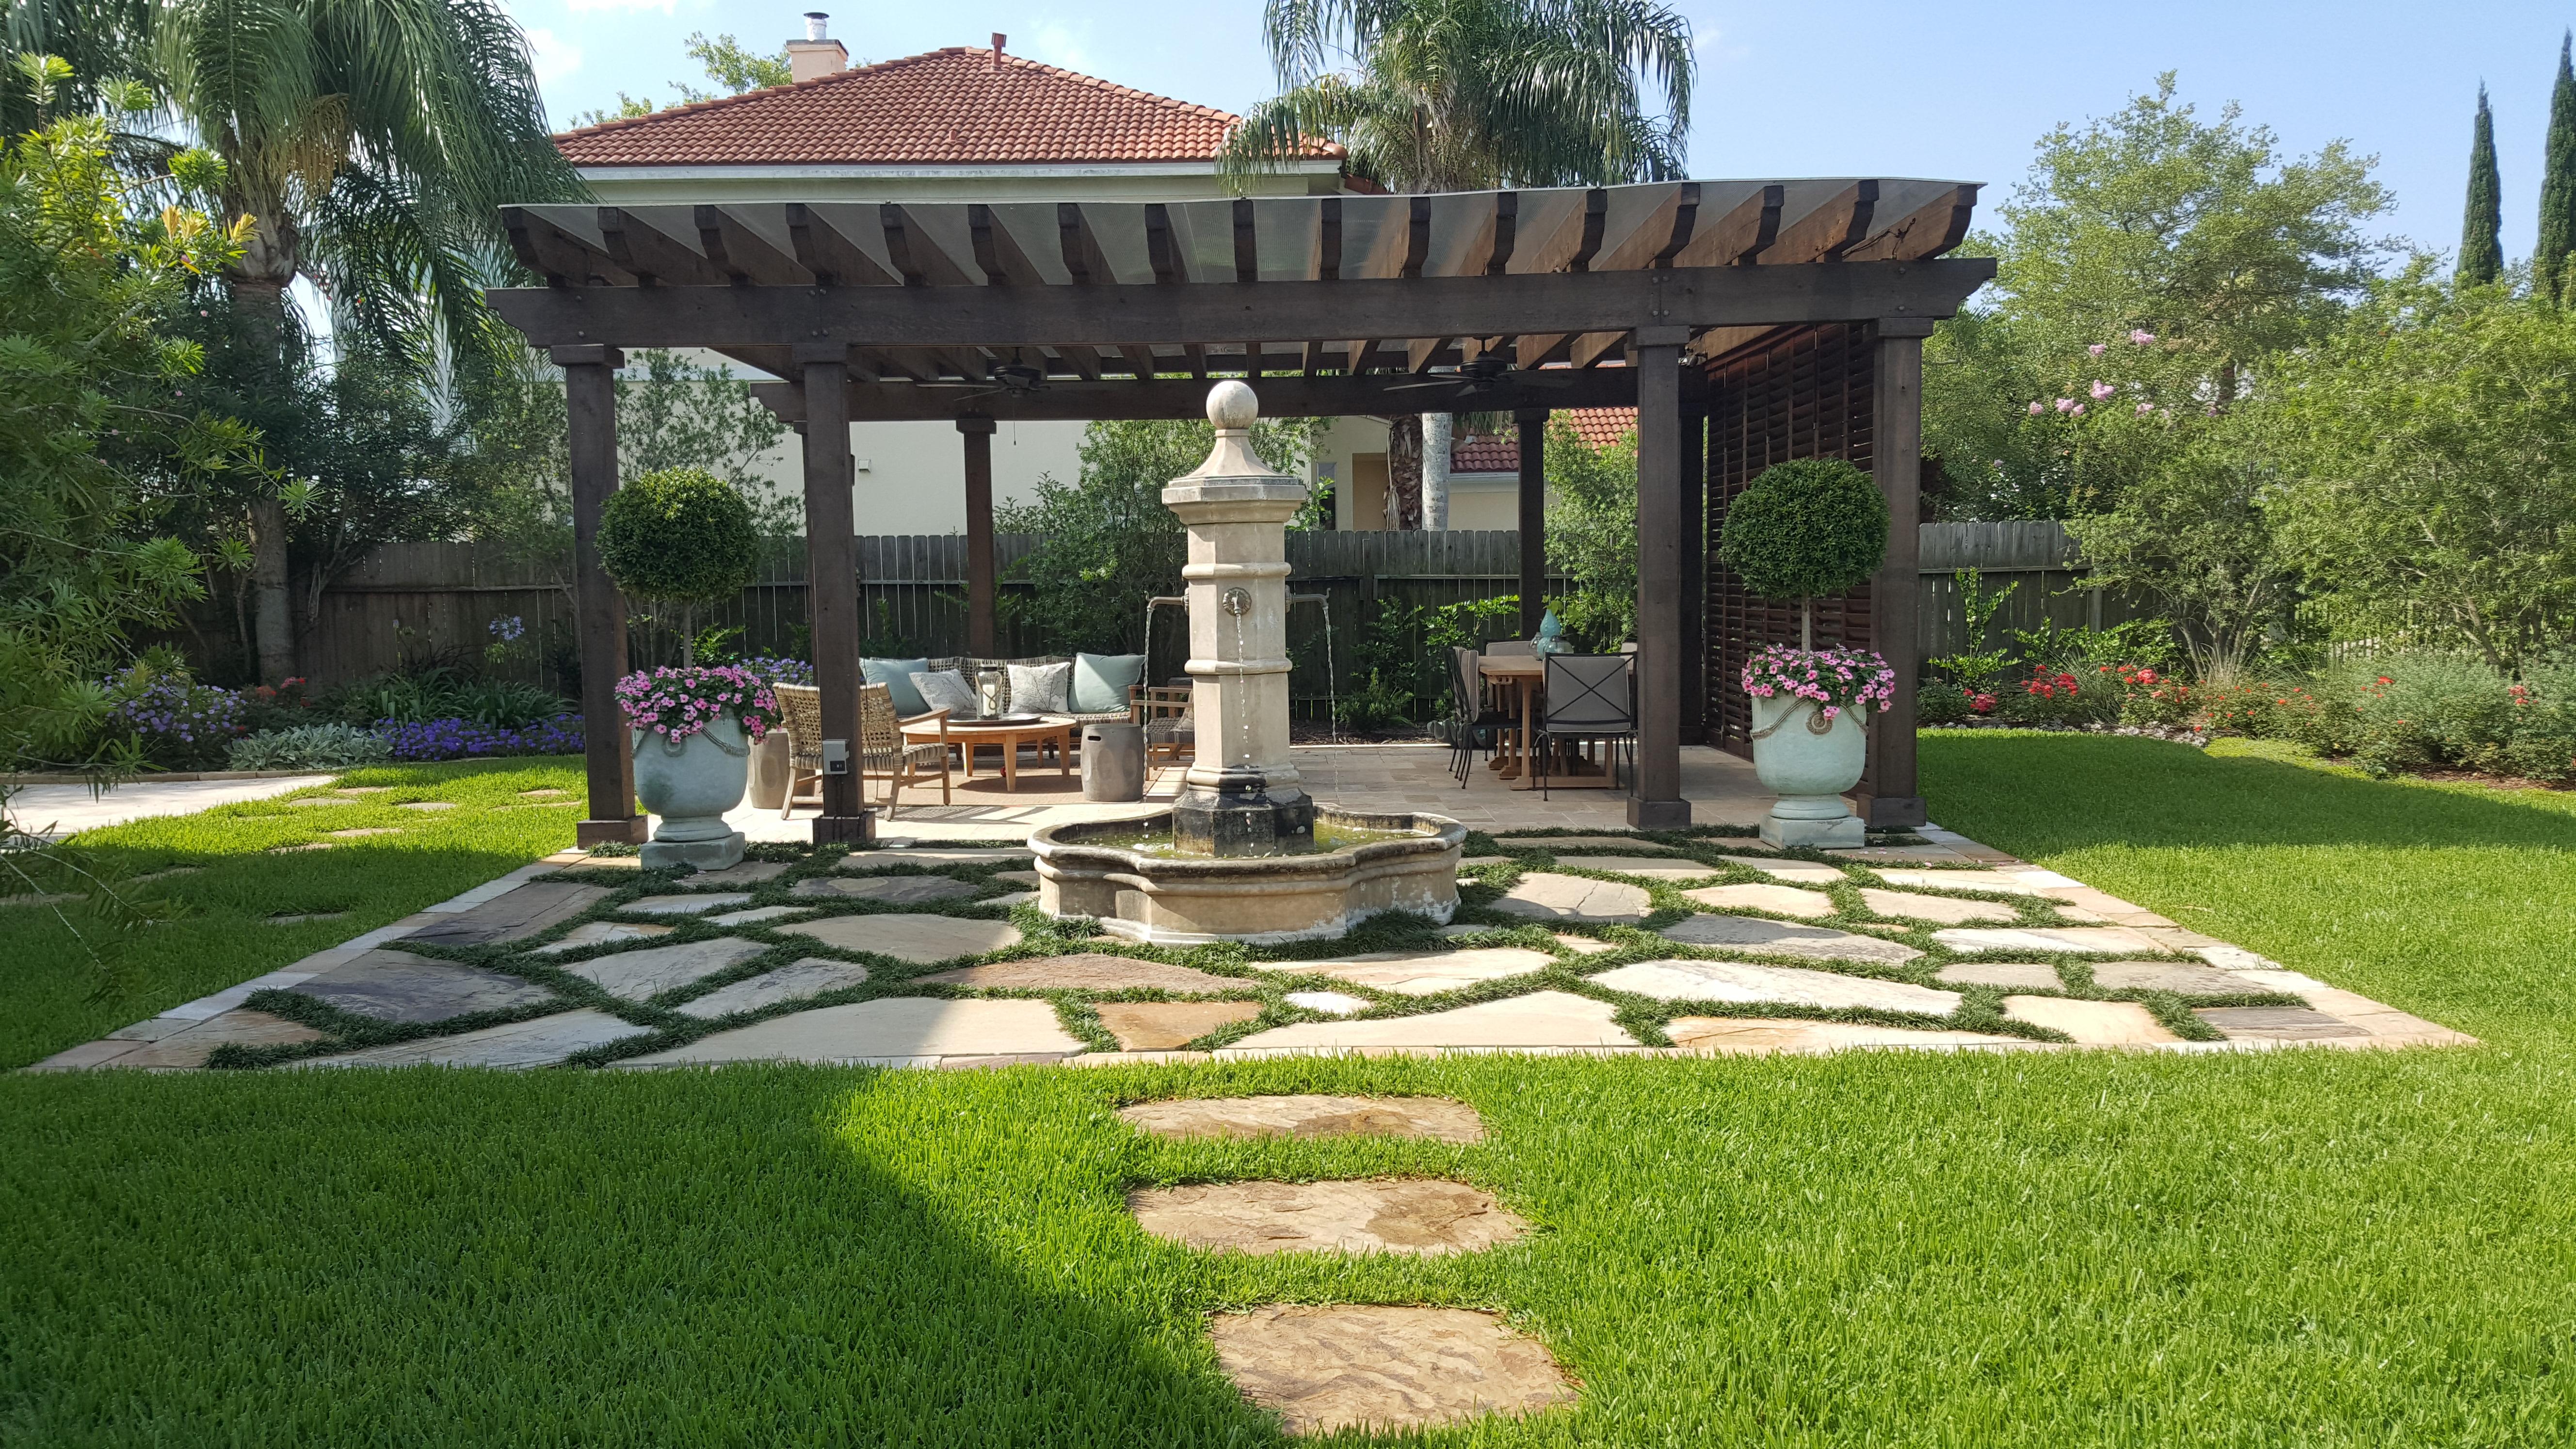 rustic pergola, arbor, fountains, urns